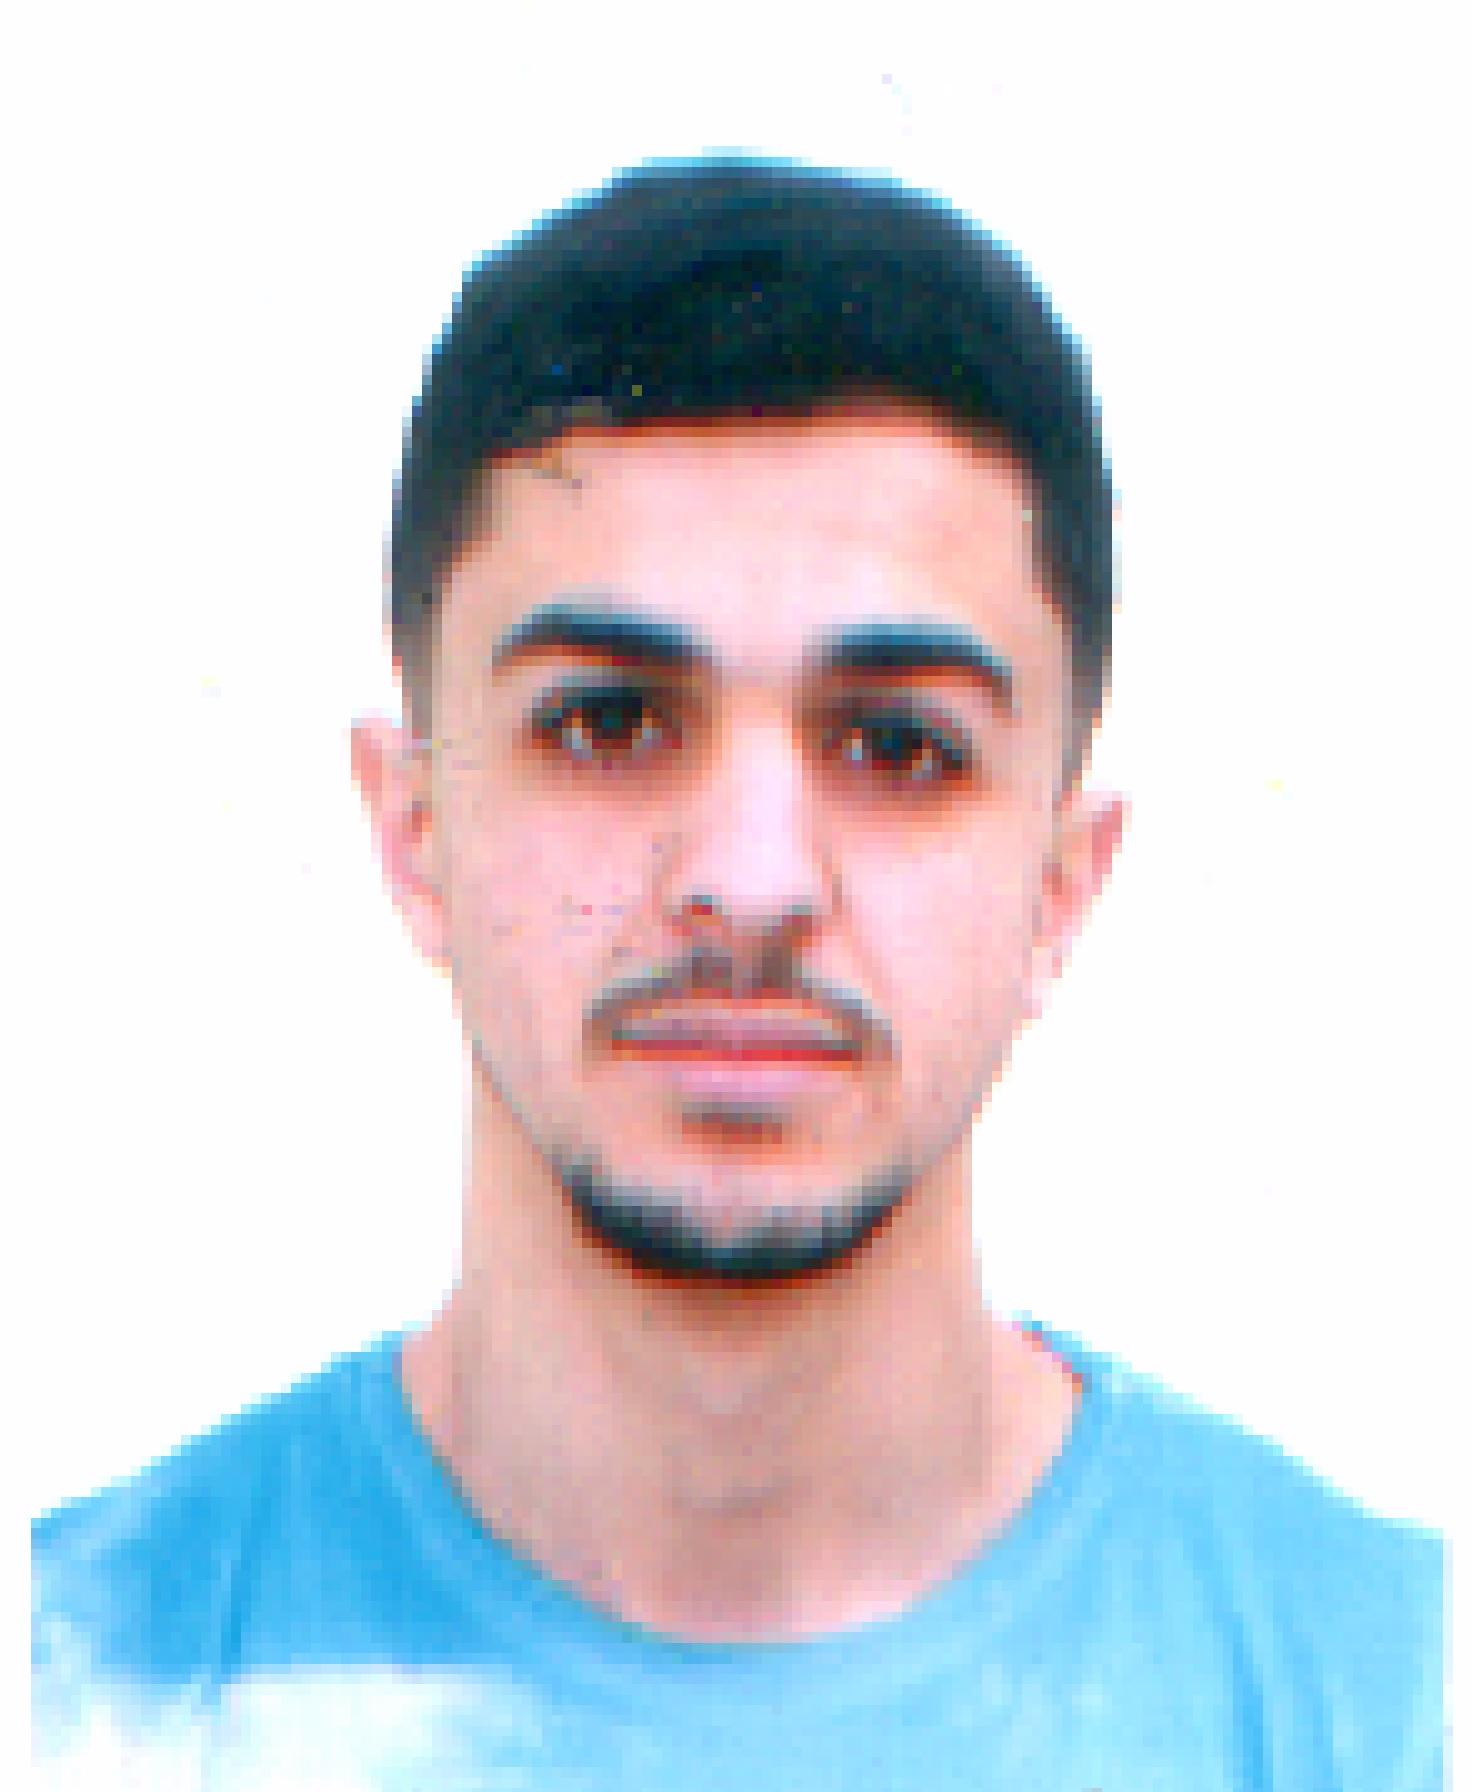 CHIHA Abdelhamid